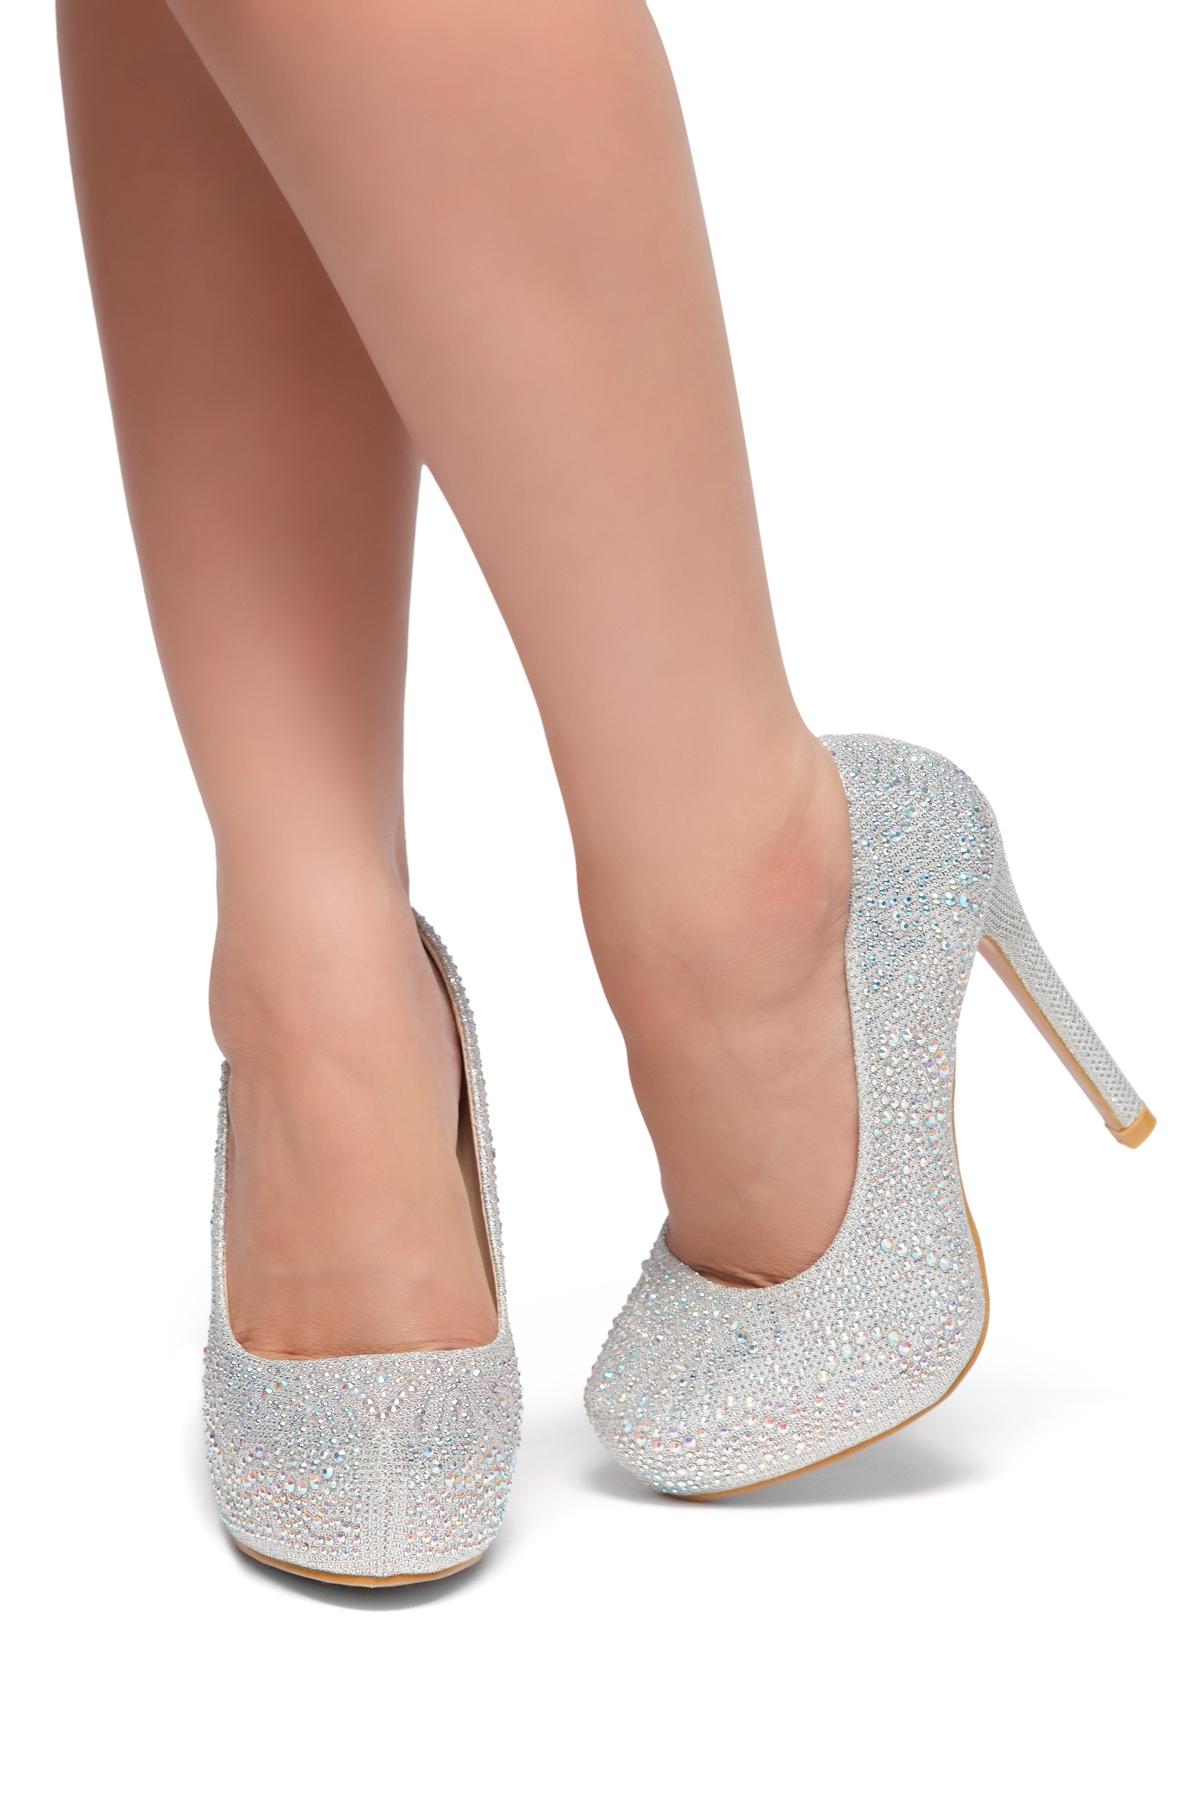 ae9e544d2cf563 HerStyle SL-Nandita--Stiletto heel Platform